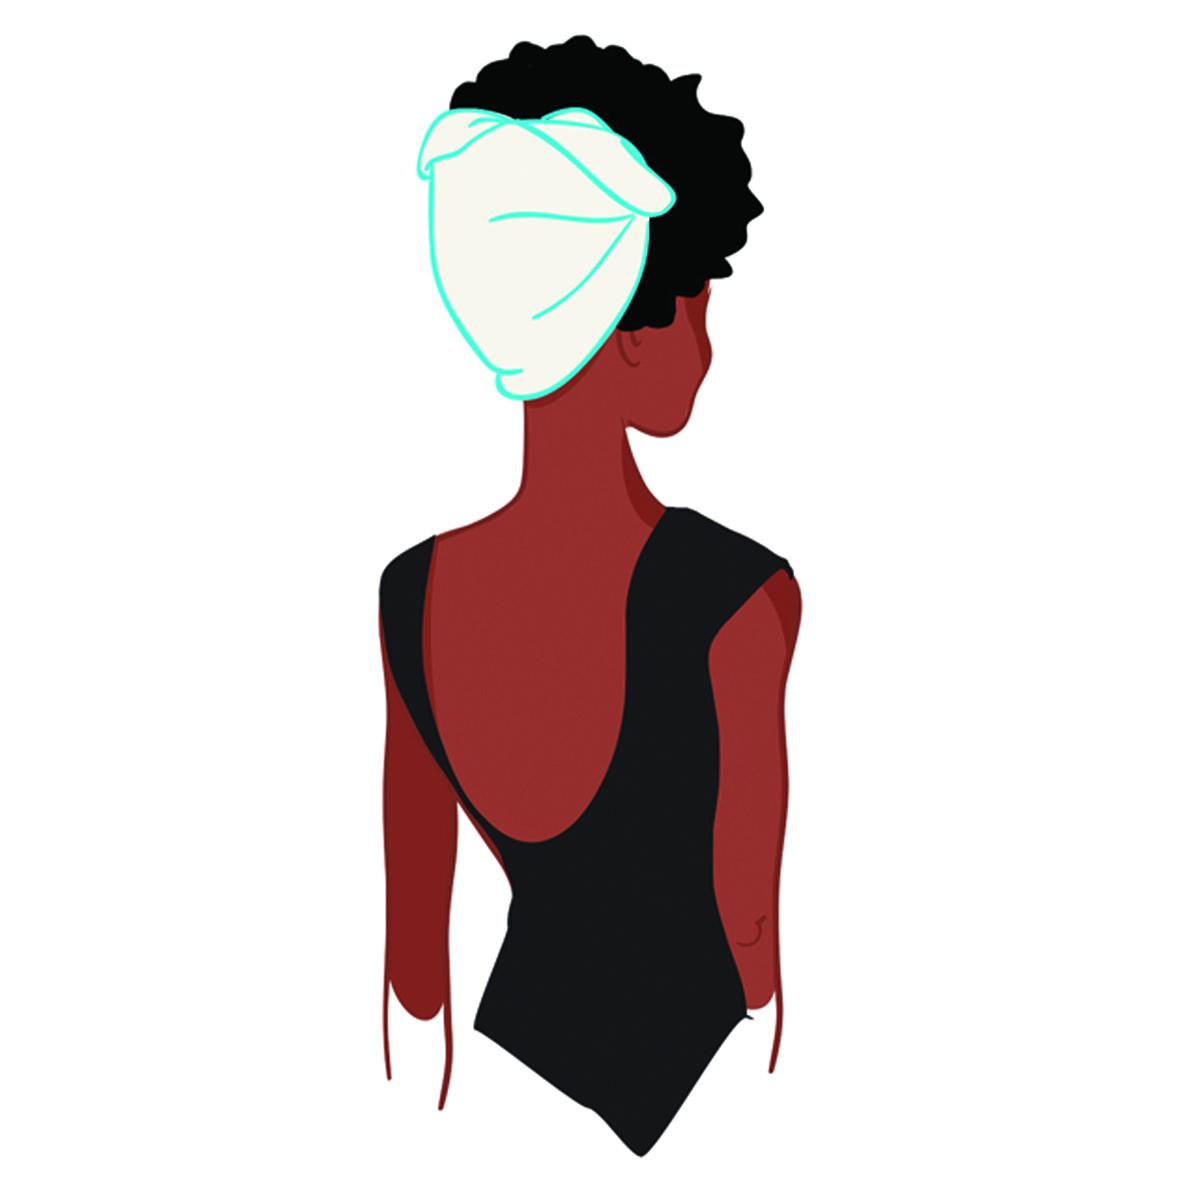 D tuto 1 foulard - anform magazine santé bien-être